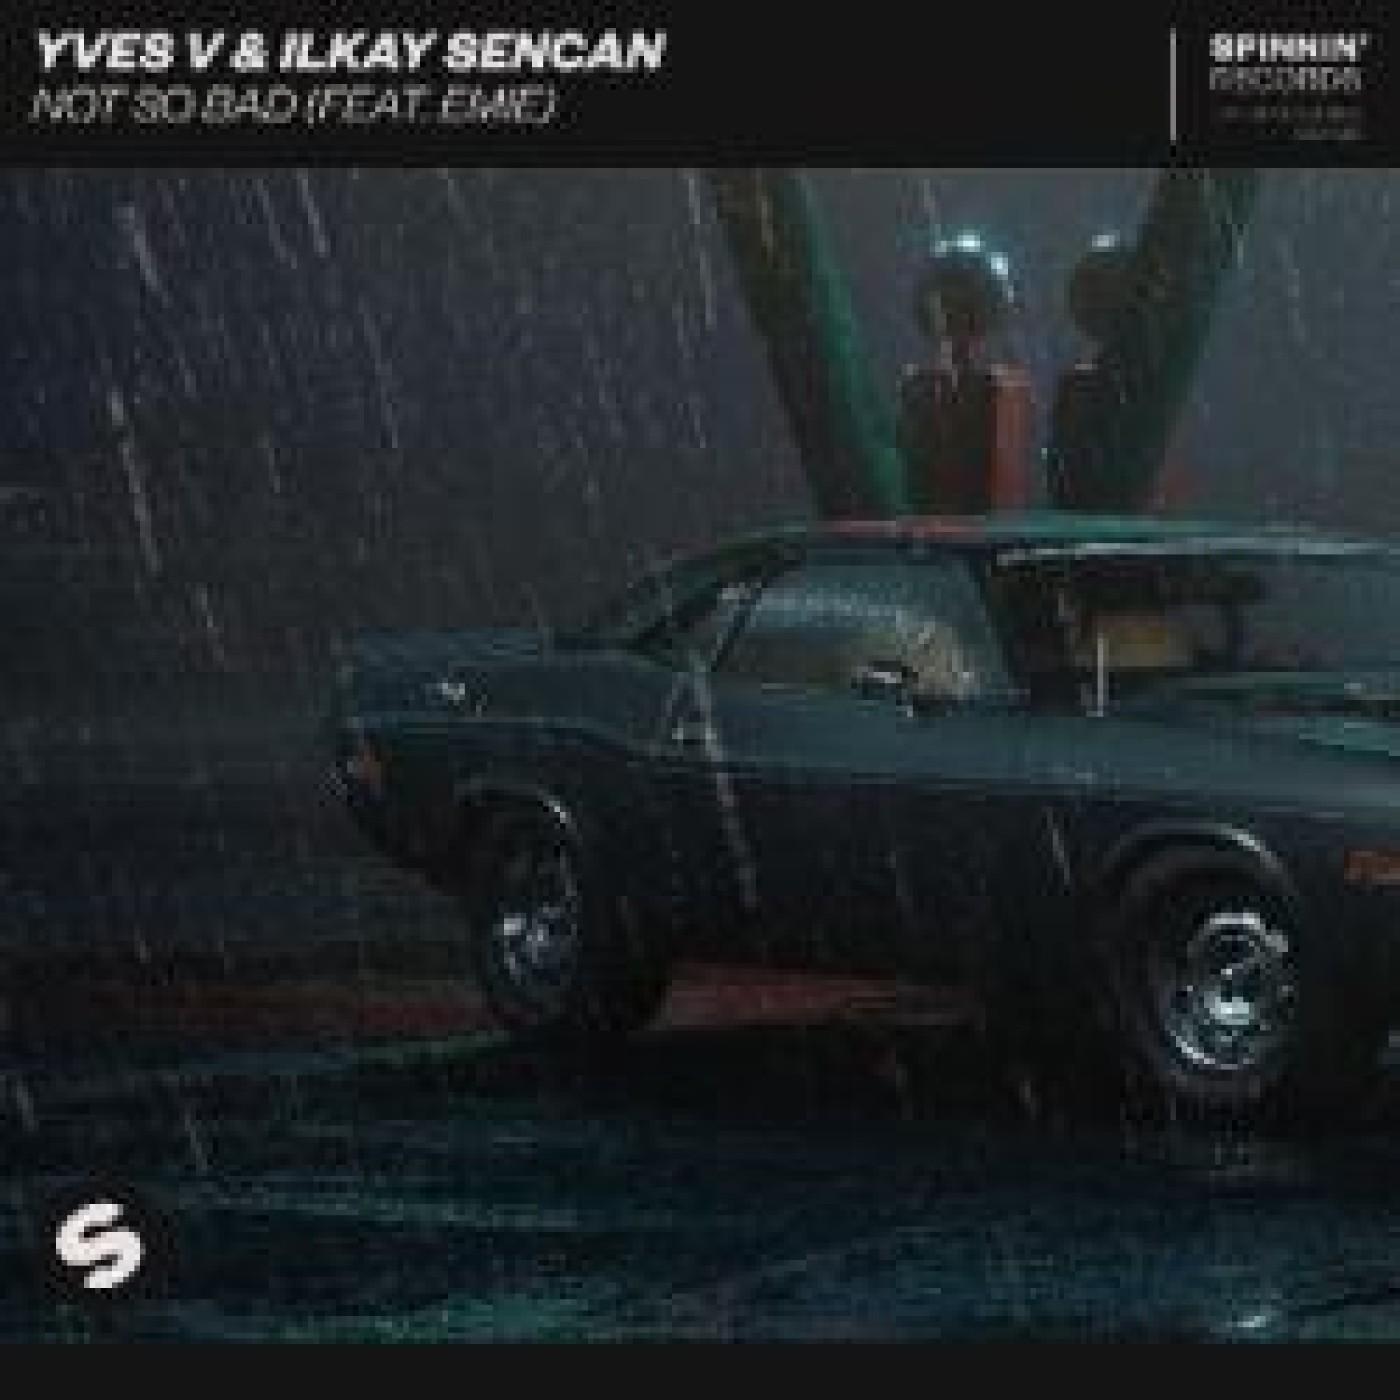 La music story du jour : Yves V